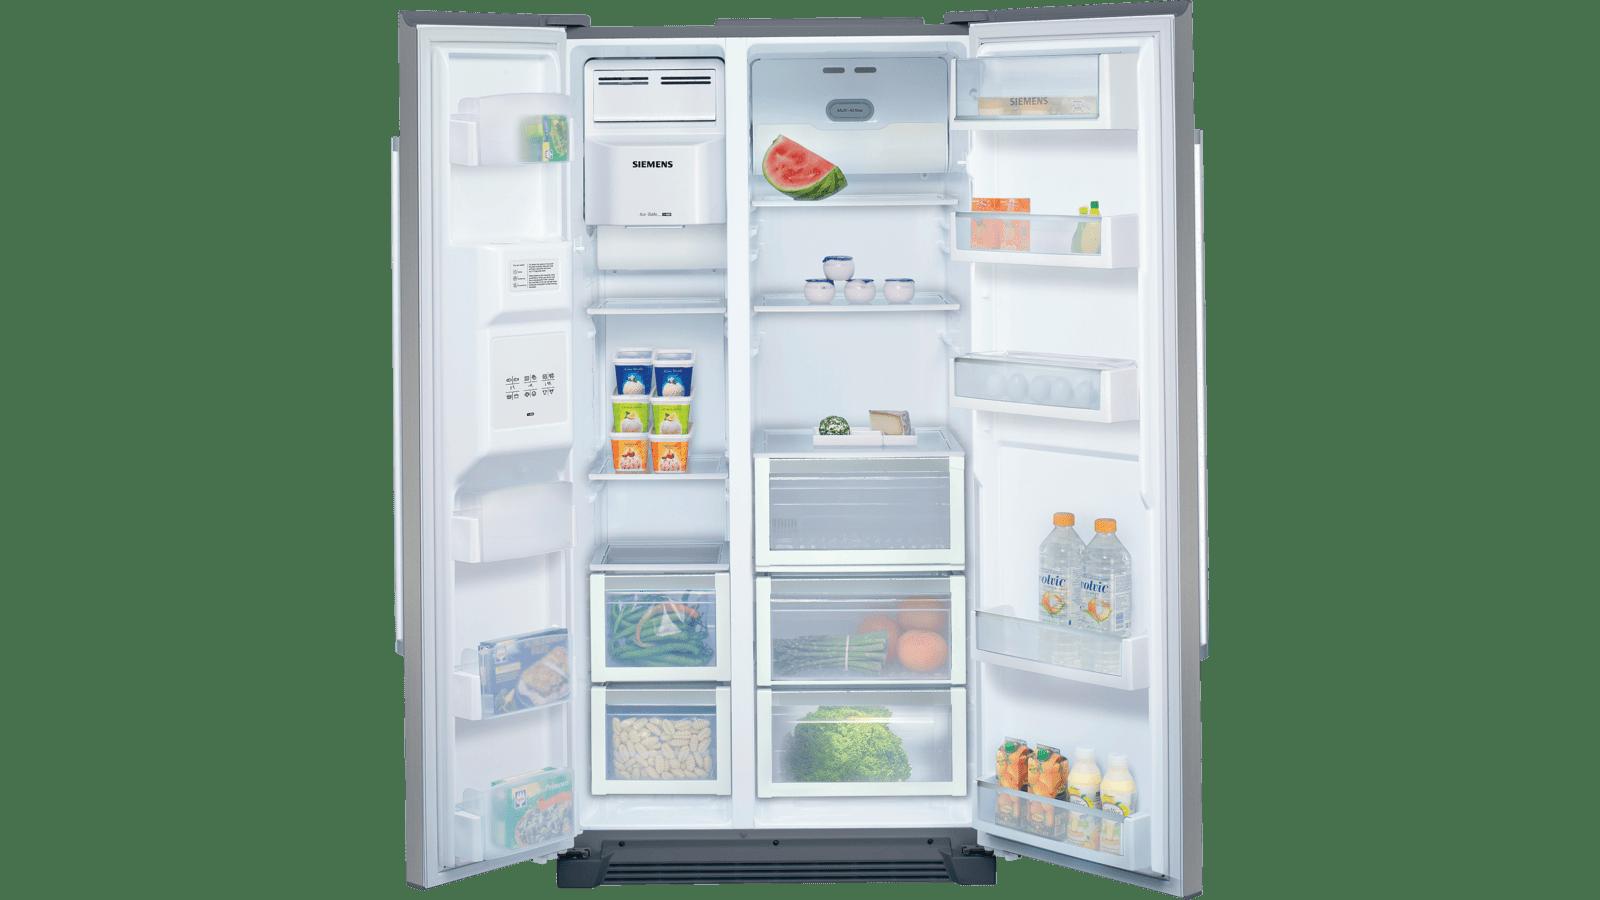 Refrigerateur Americain Faible Largeur siemens - ka58na45 - réfrigérateur-congélateur américain